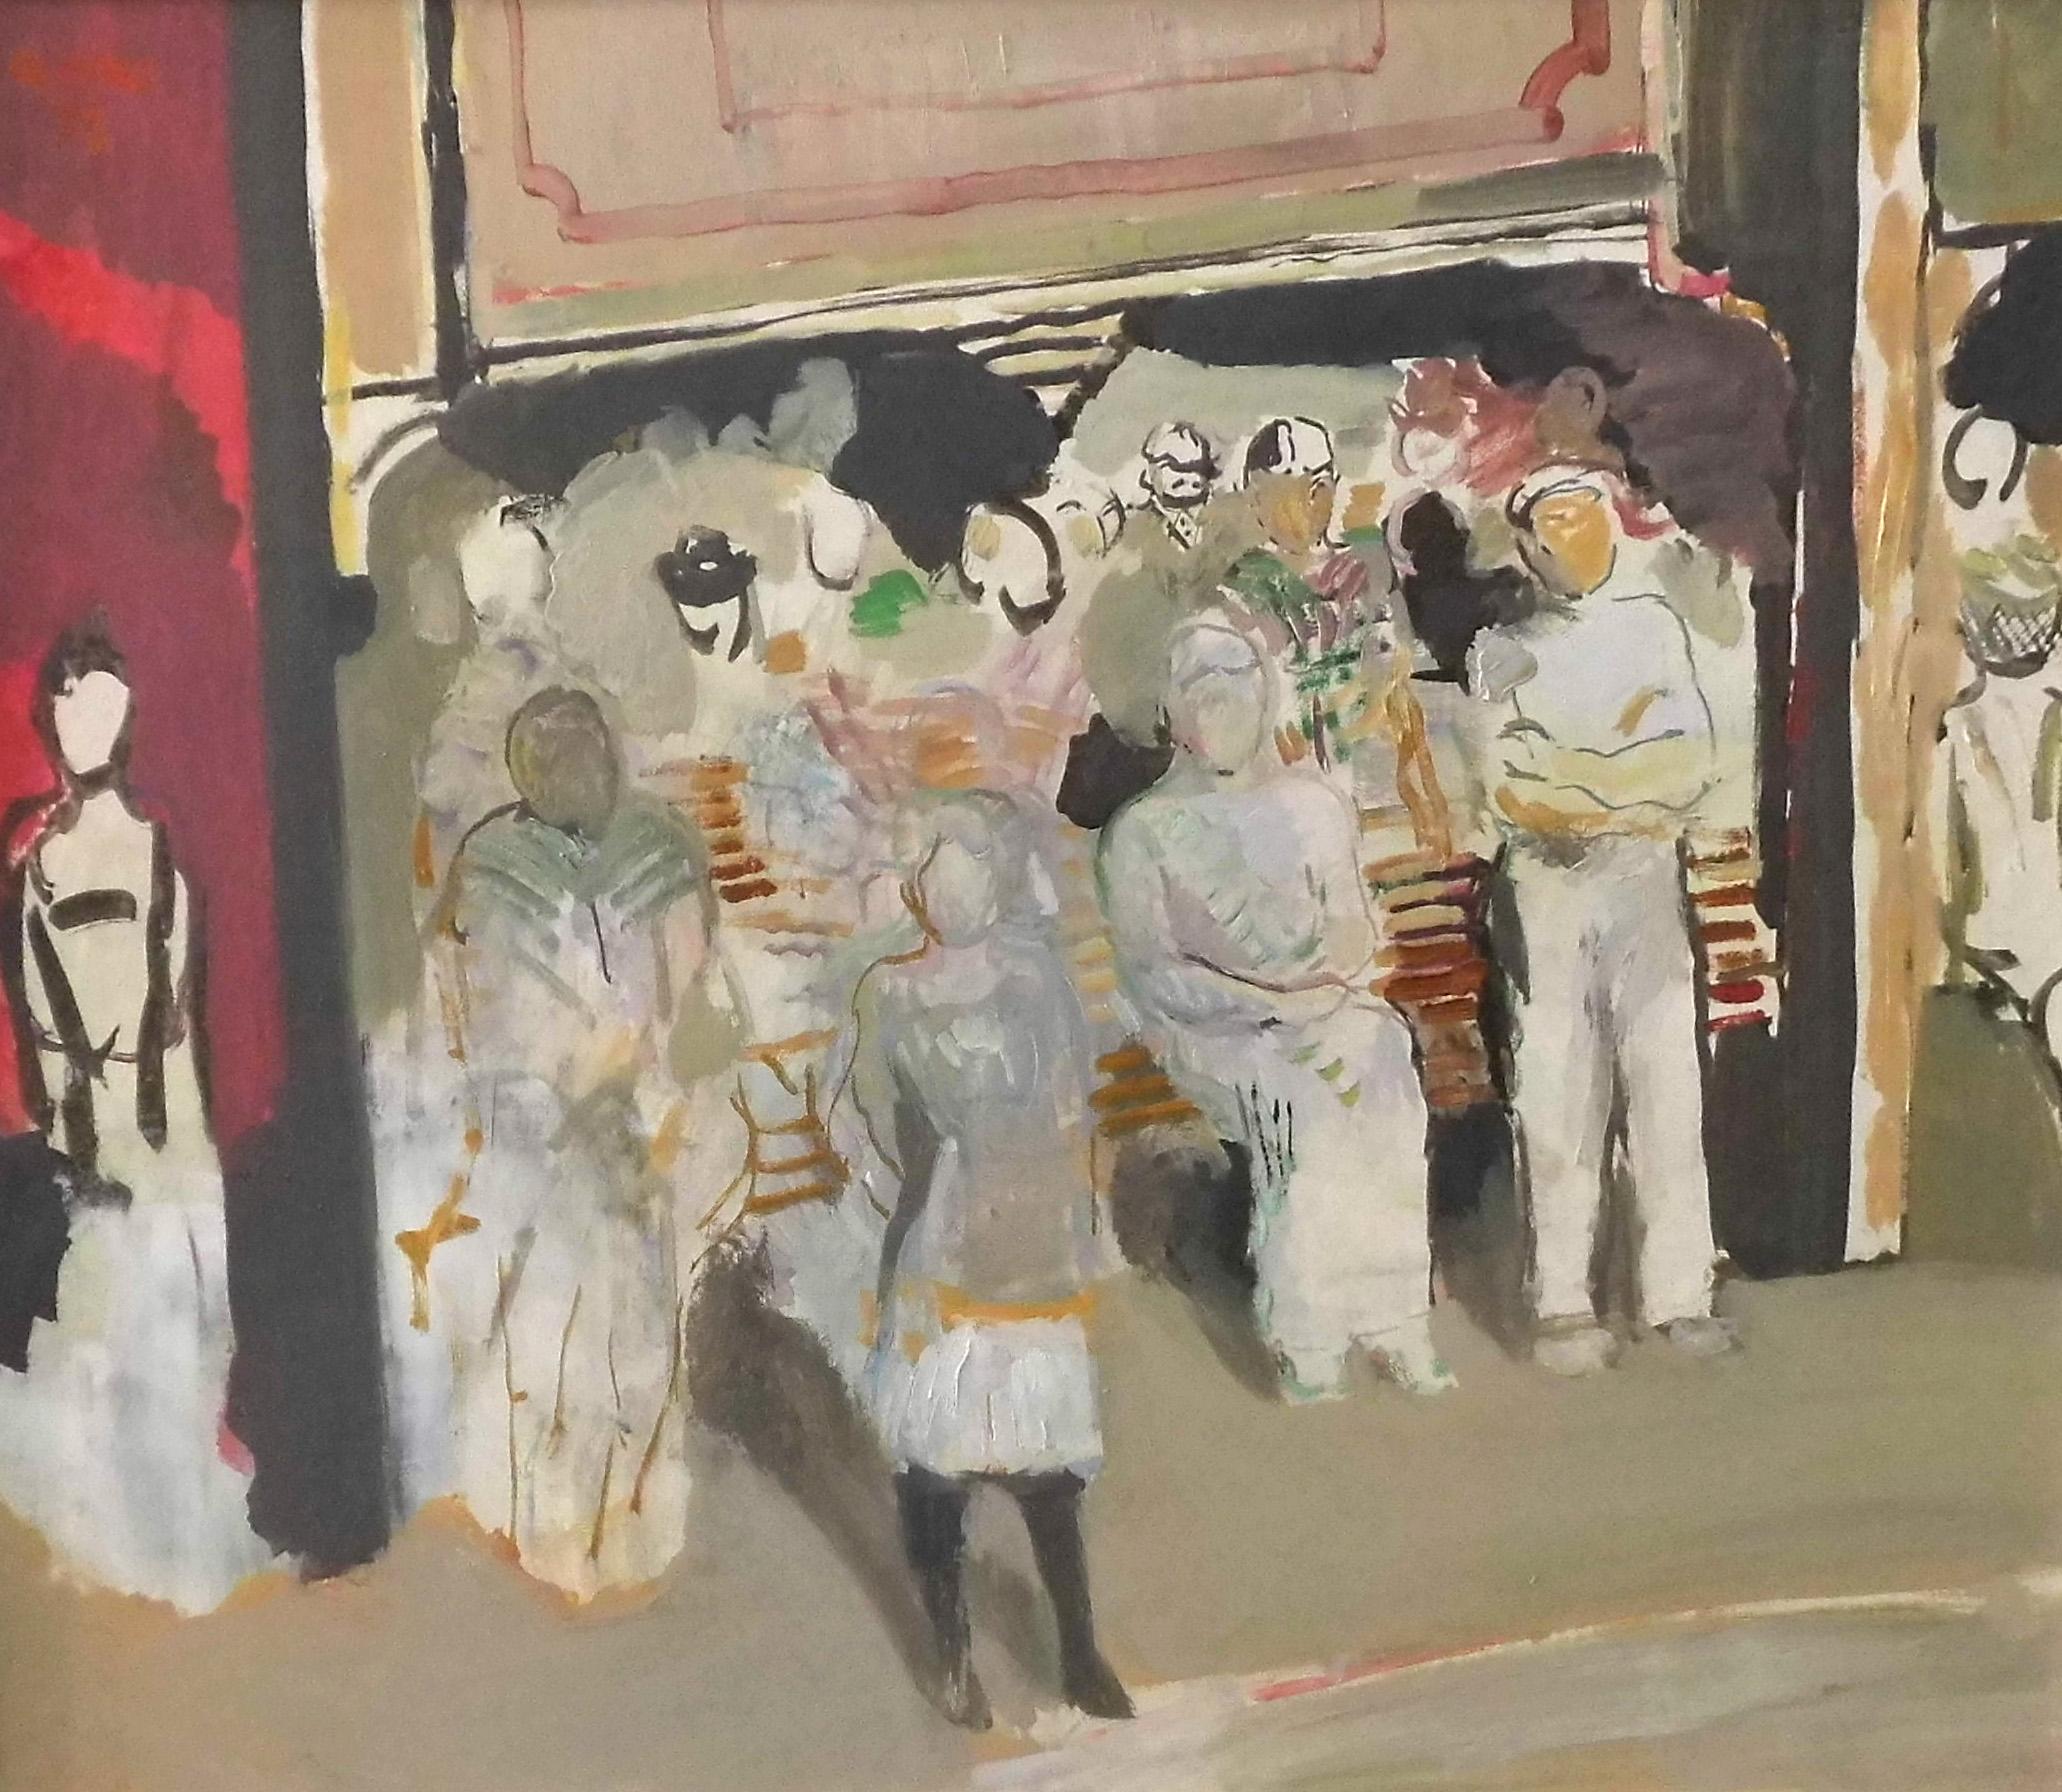 10-harald_metzkes-das_publikum-1991-oel_auf_leinwand-60x70